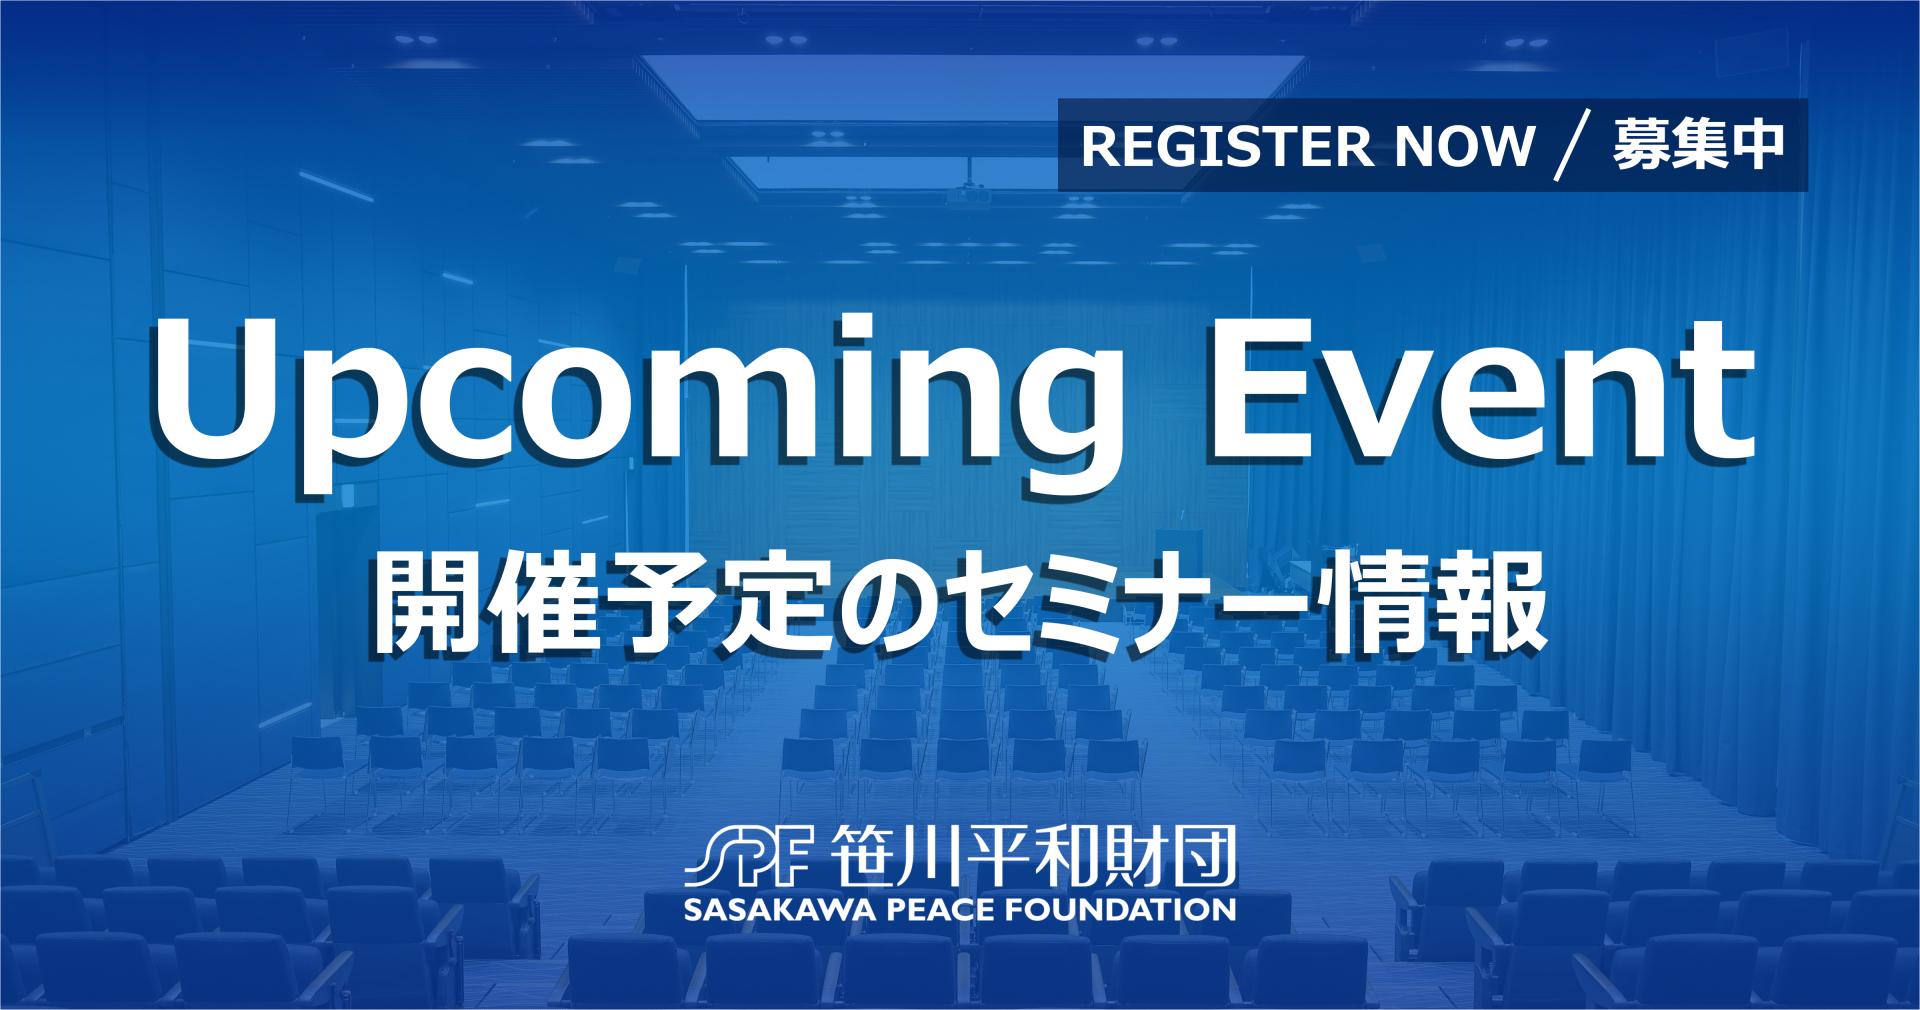 10/29開催 SPF China Observer 中国が主張する「新型政党制度」の優位性の意味